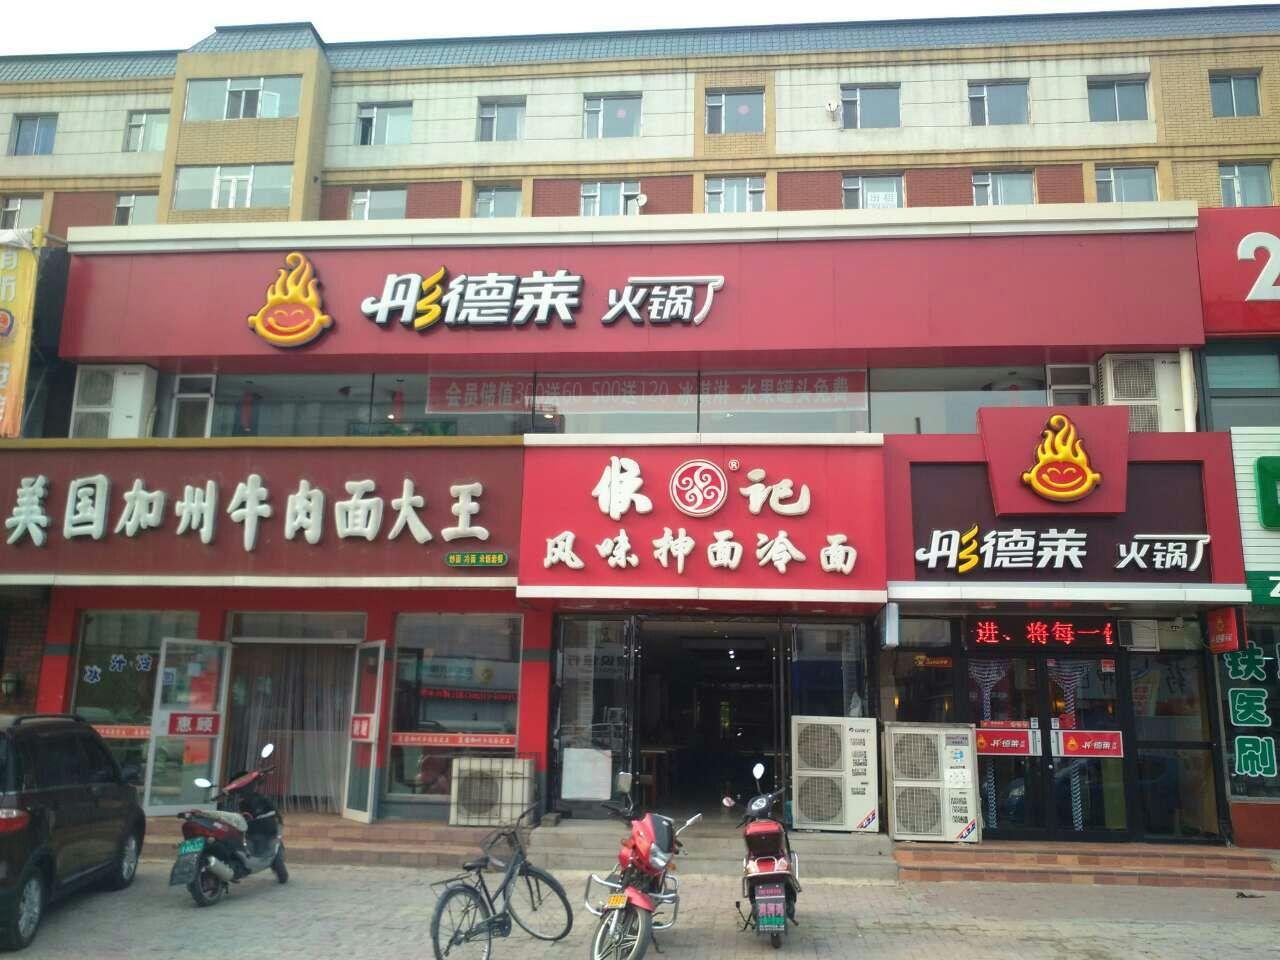 吉林省四平市优乐娱乐连锁店面